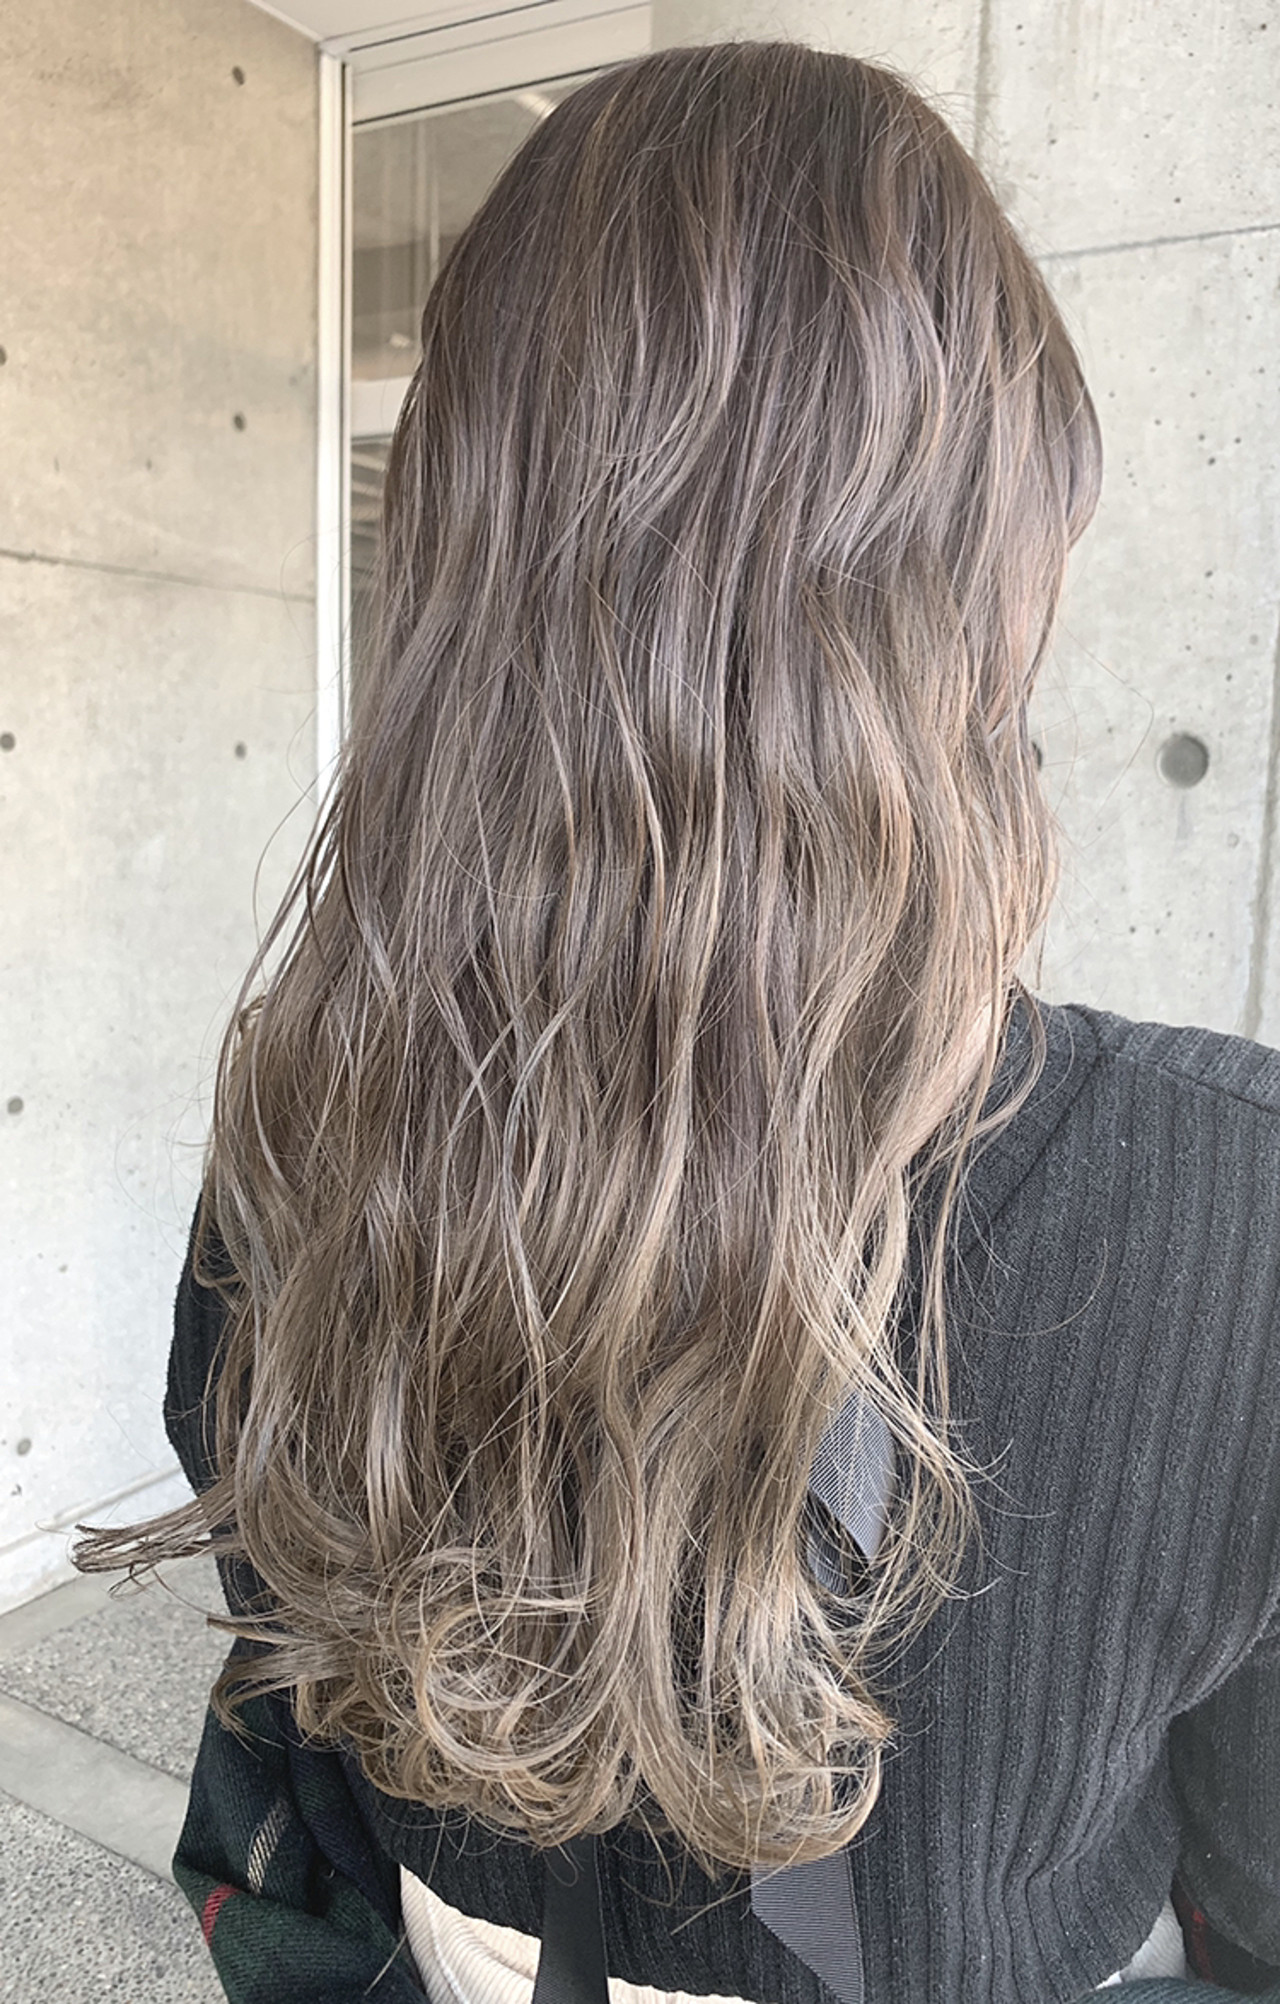 バレイヤージュ セミロング ハイトーン ベージュ ヘアスタイルや髪型の写真・画像 | 湯浅賢一(ユアサケンイチ) / ROPE hair